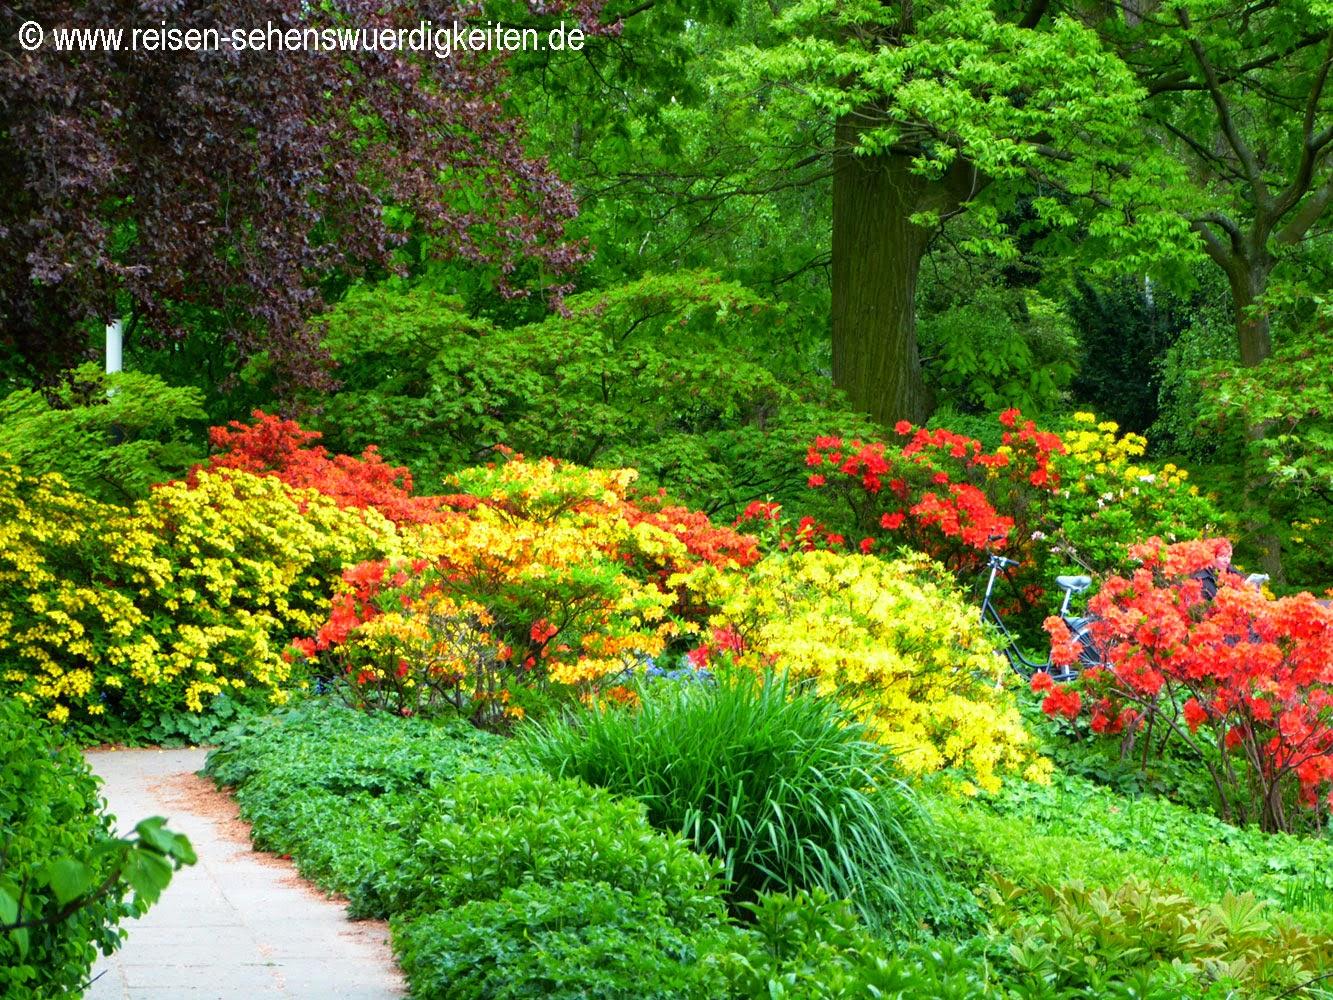 Planten un Blomen - Schönster Park in Hamburg, Fahrrad in bunten Blumen